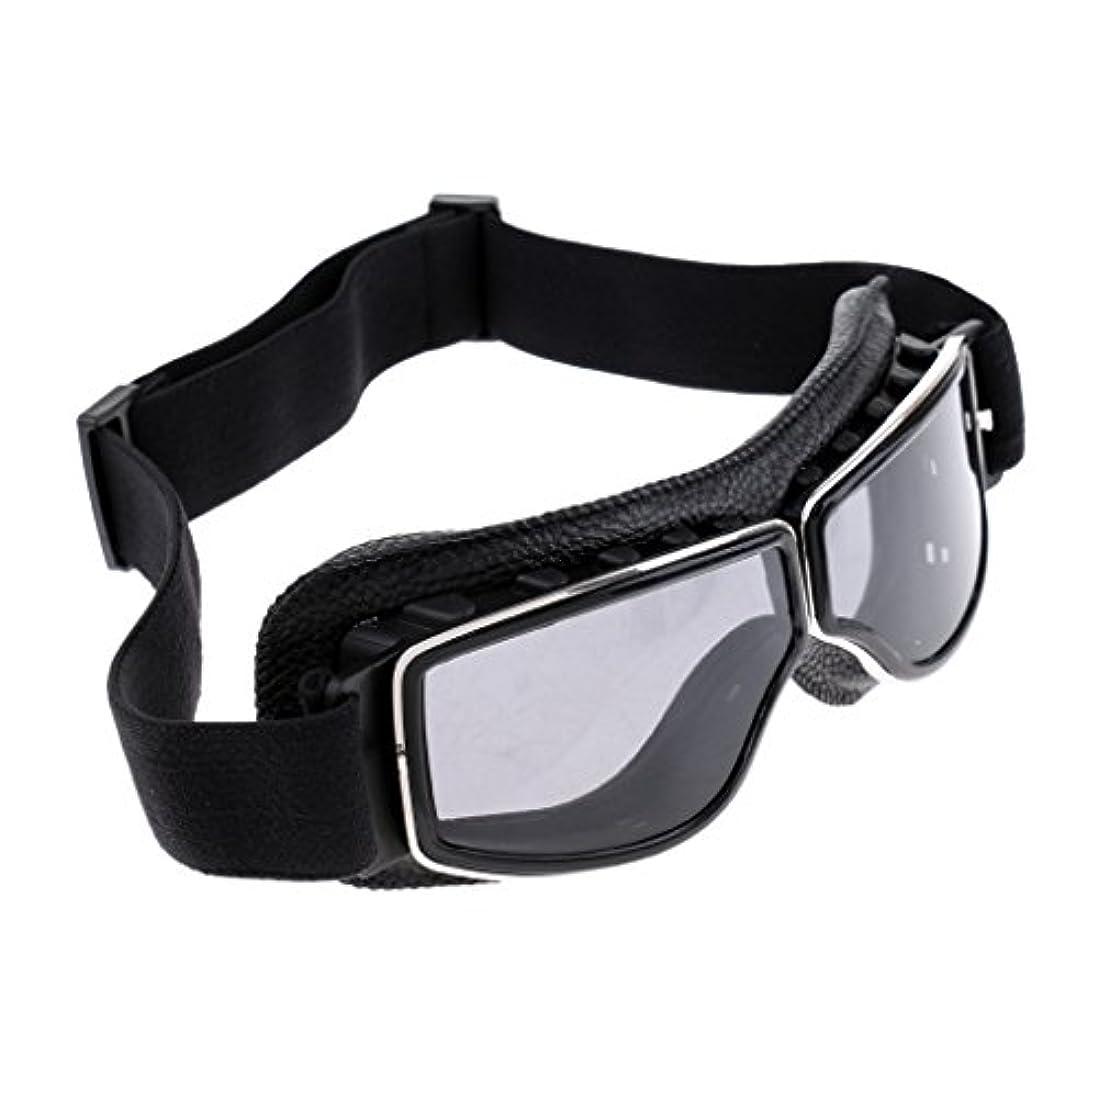 不足並外れた航海のmonkeyjackヴィンテージバイクバイカーゴーグル調節可能UV保護アウトドアメガネ防風防塵安全ゴーグル